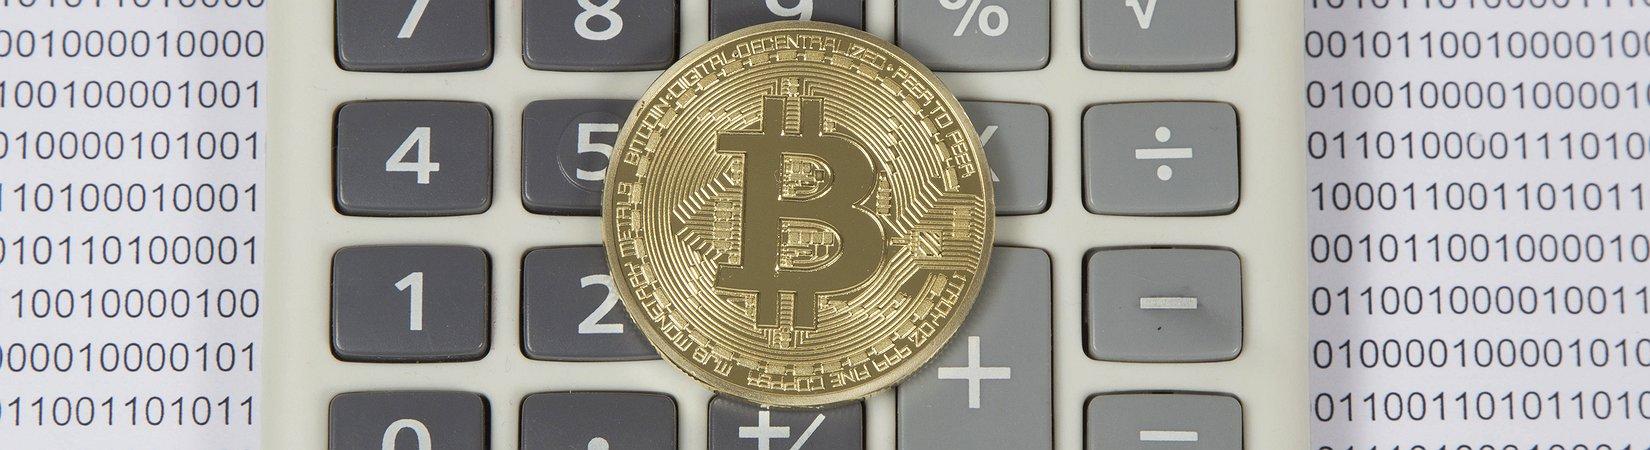 Impuestos sobre criptomonedas: ¿dónde y cuánto debe pagar por las operaciones con bitcoins?